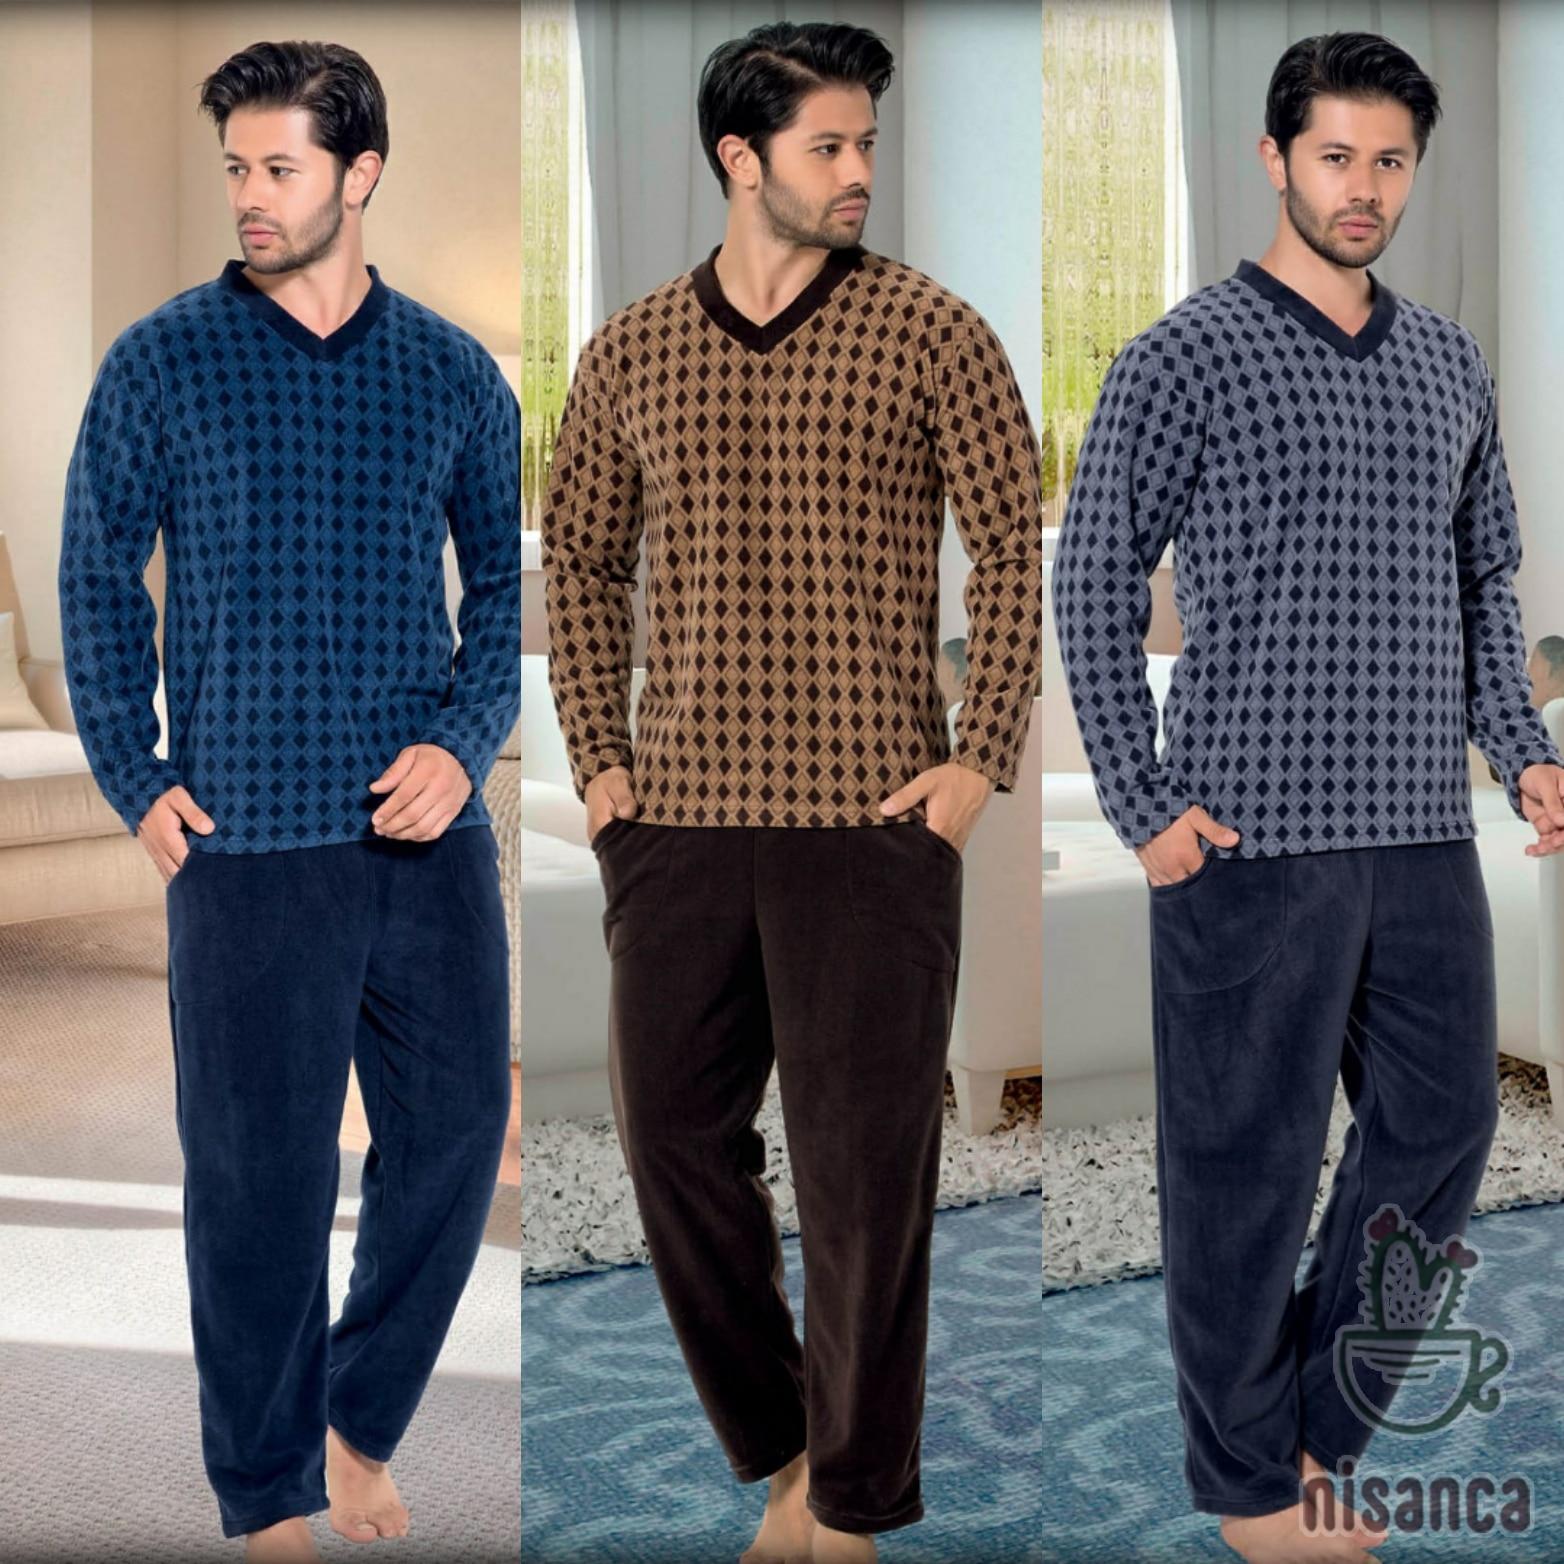 Mens Pajamas Men Sleepwear Cotton Pajama Winter Autumn Pijama Mens Sleepwear Striped Sleepwear Sleep Pyjamas